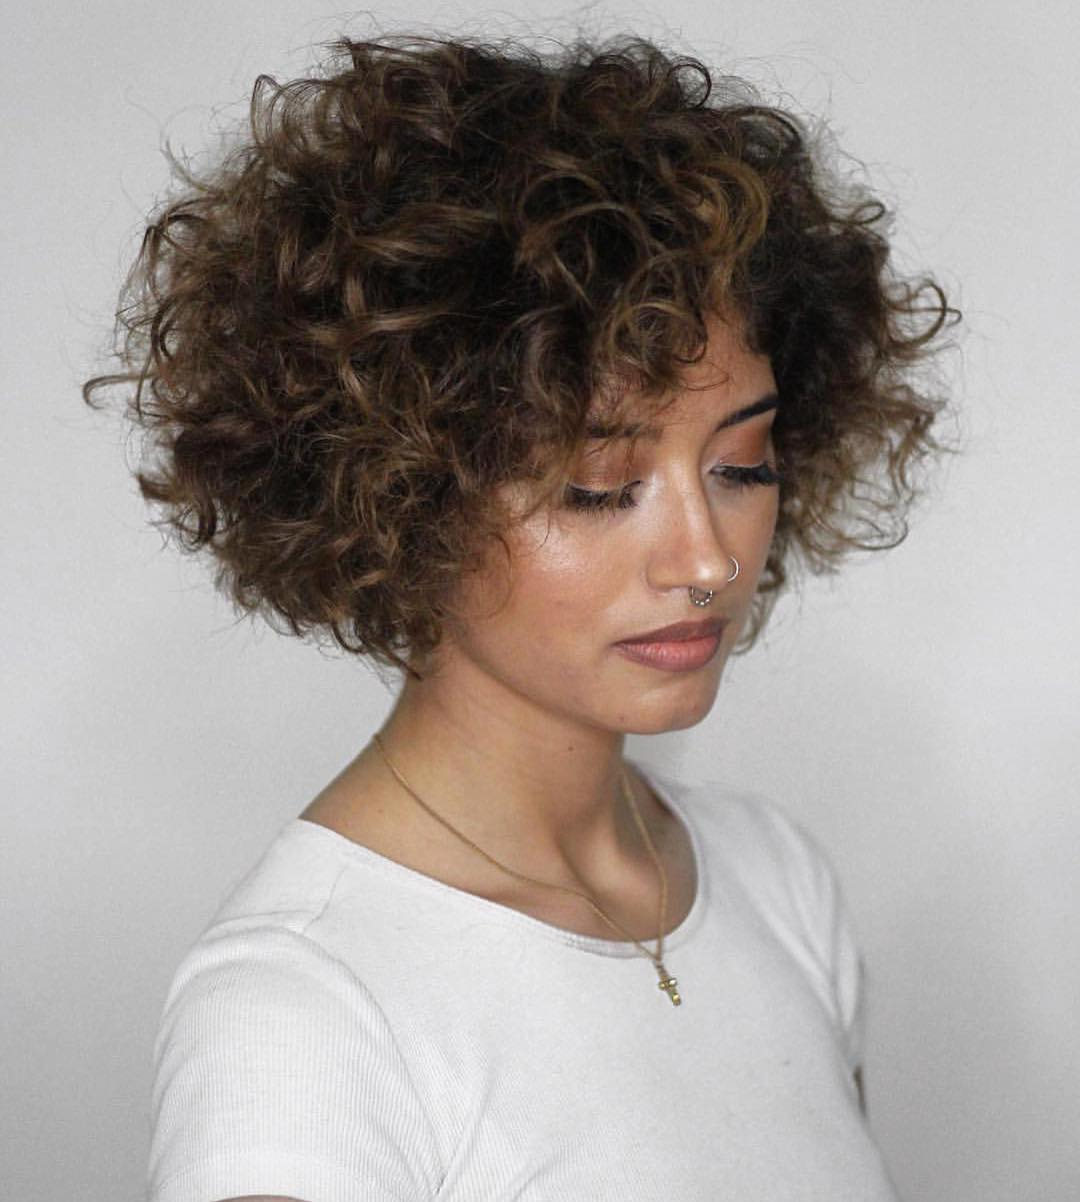 Taglio di capelli ricci sopra le spalle